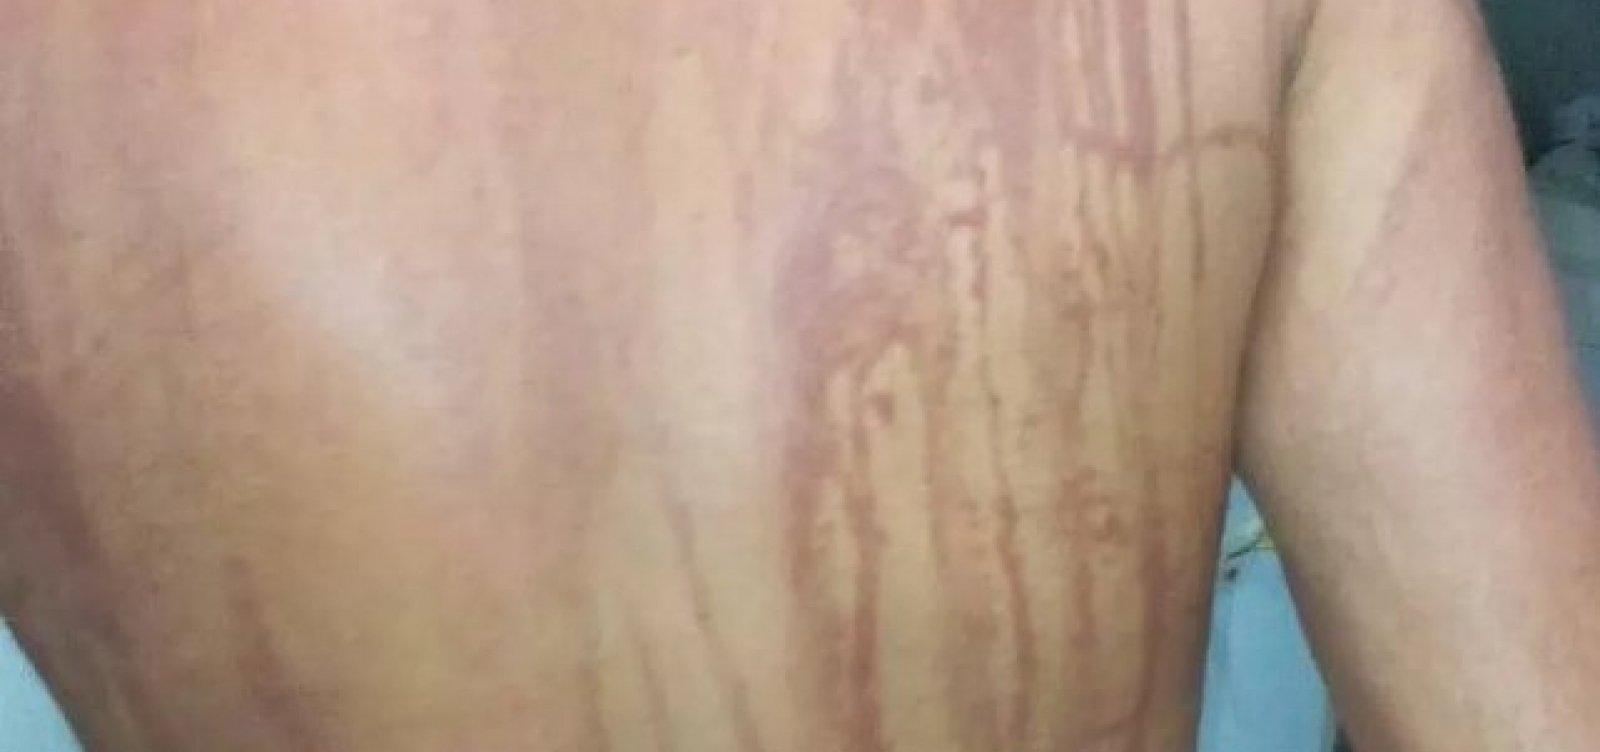 Ilhéus: secretaria descarta intoxicação por óleo em turista de MG